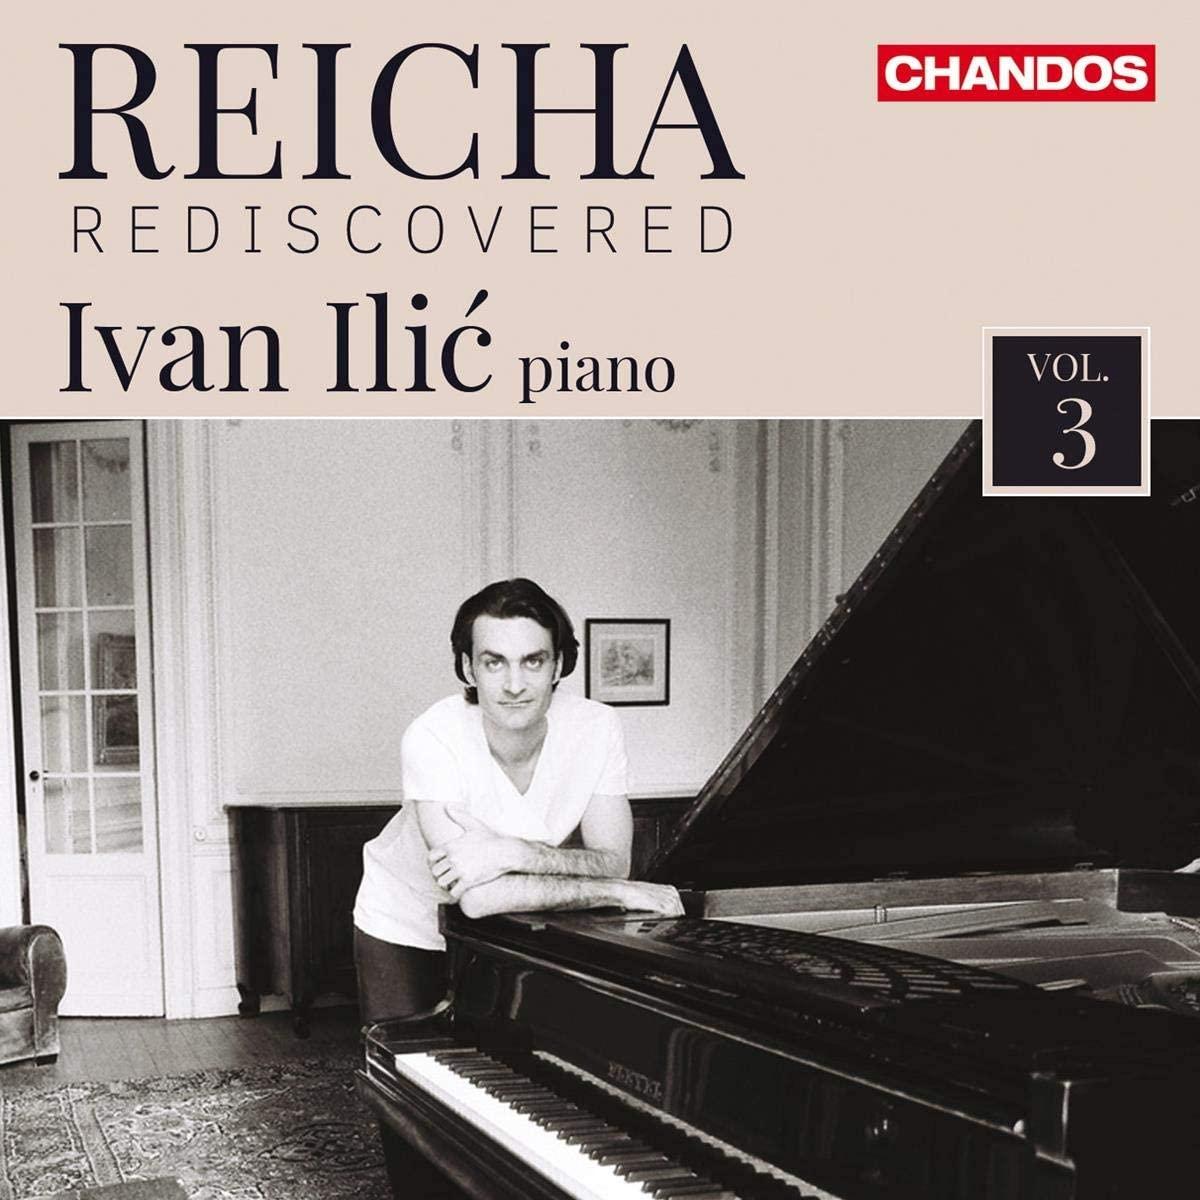 Review of REICHA L'art de varier (Ivan Ilić)